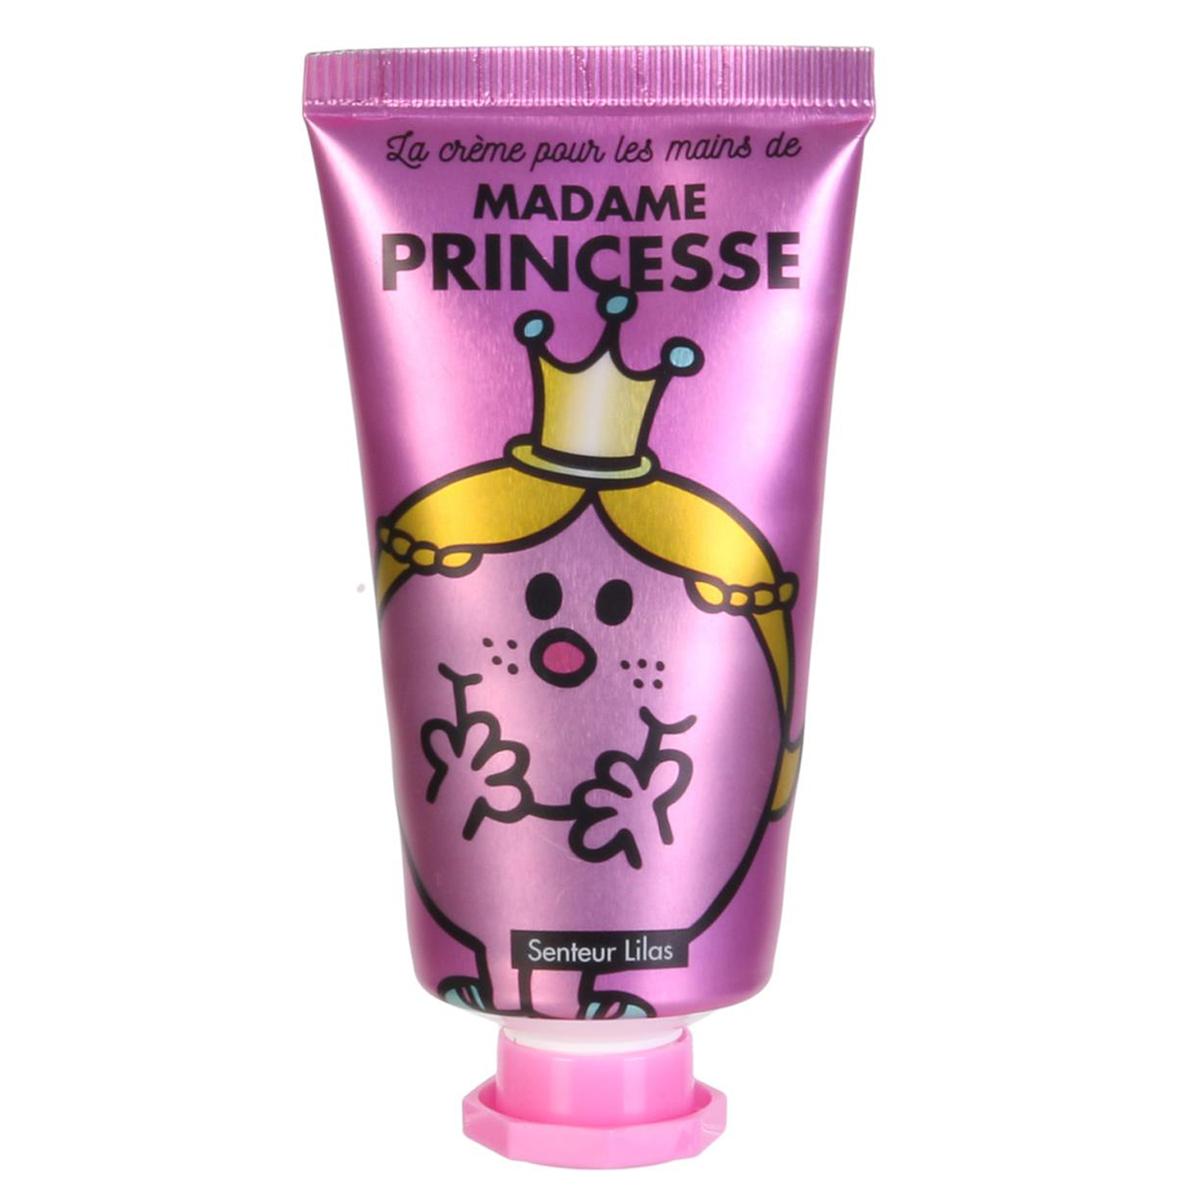 Crème pour les mains \'Monsieur Madame\' (Princesse - Lilas) - 8x3 cm, 30 ml - [A0551]